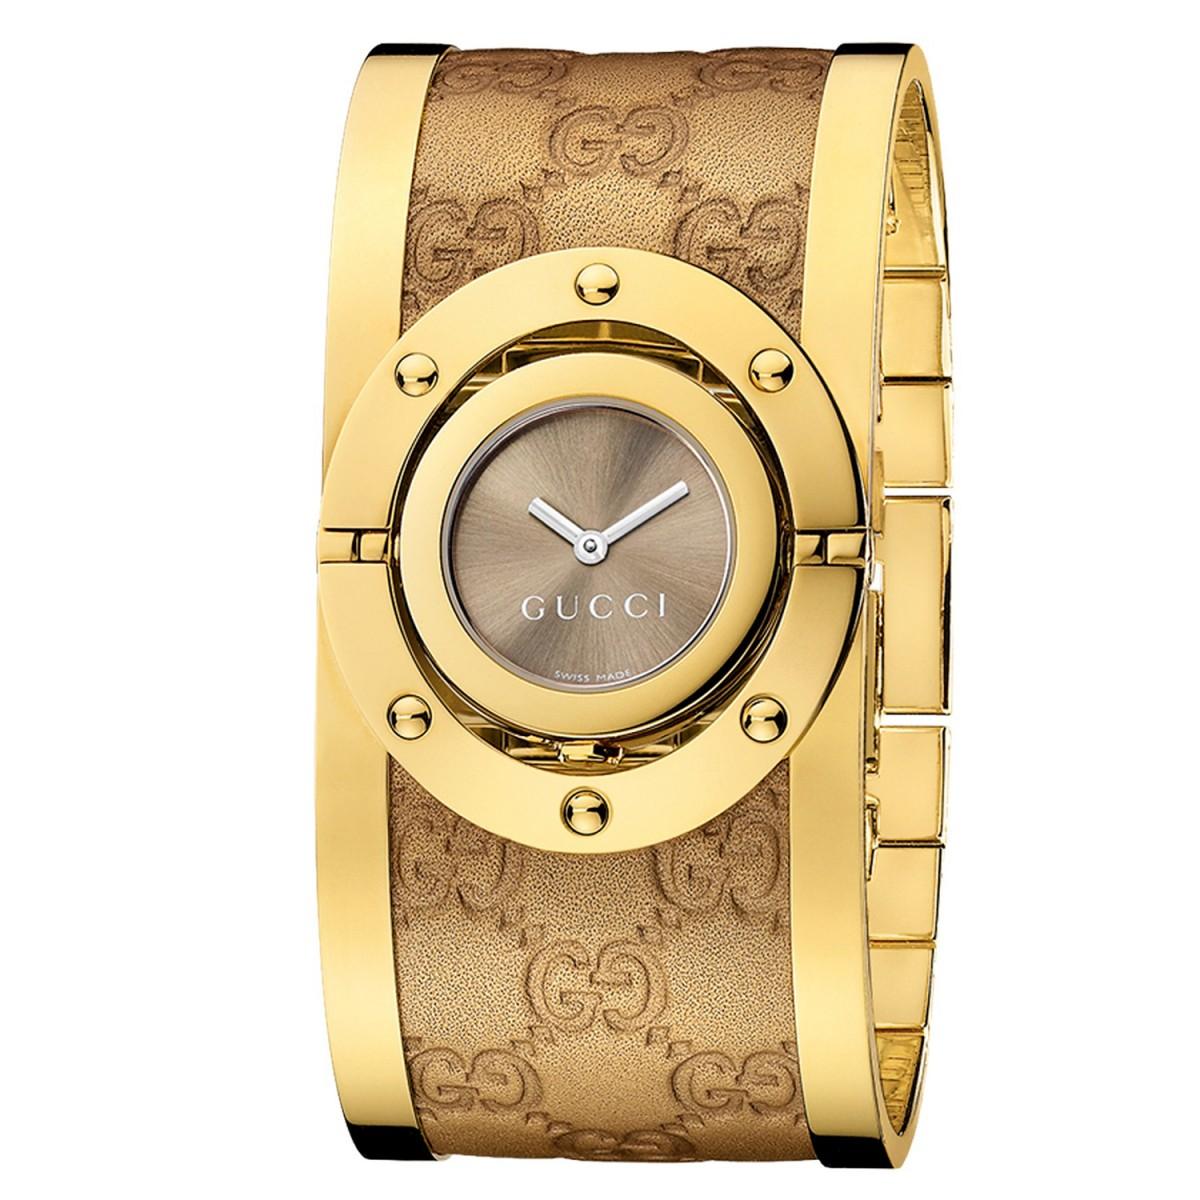 9e2755a95fd Compre Relógio Gucci Twirl em 10X